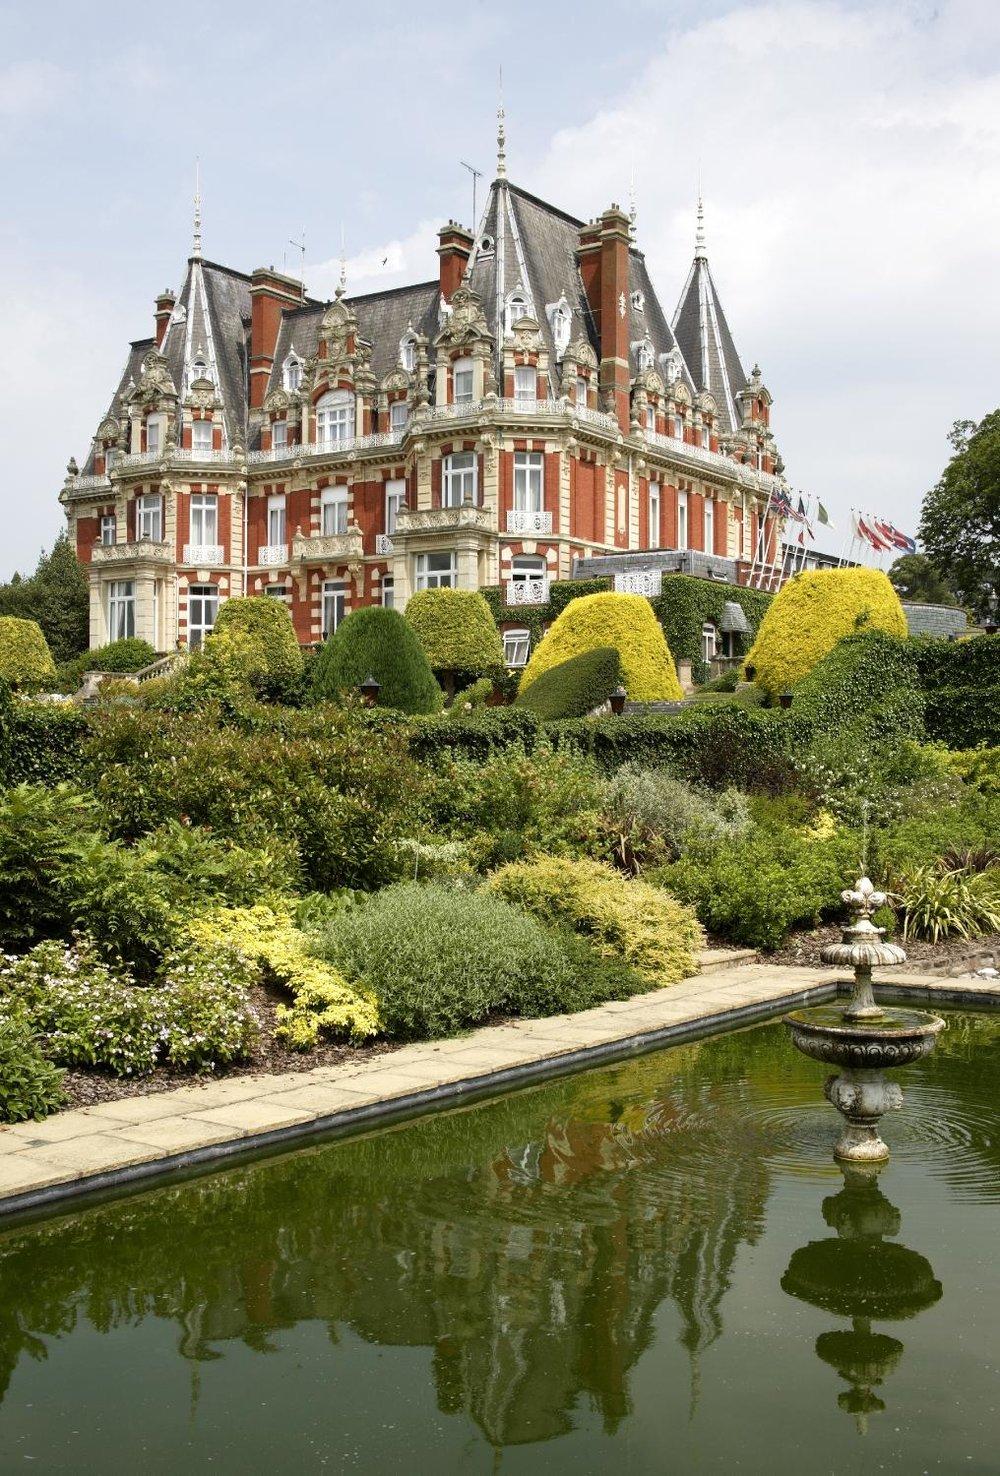 chateau-impney-hotel.jpg